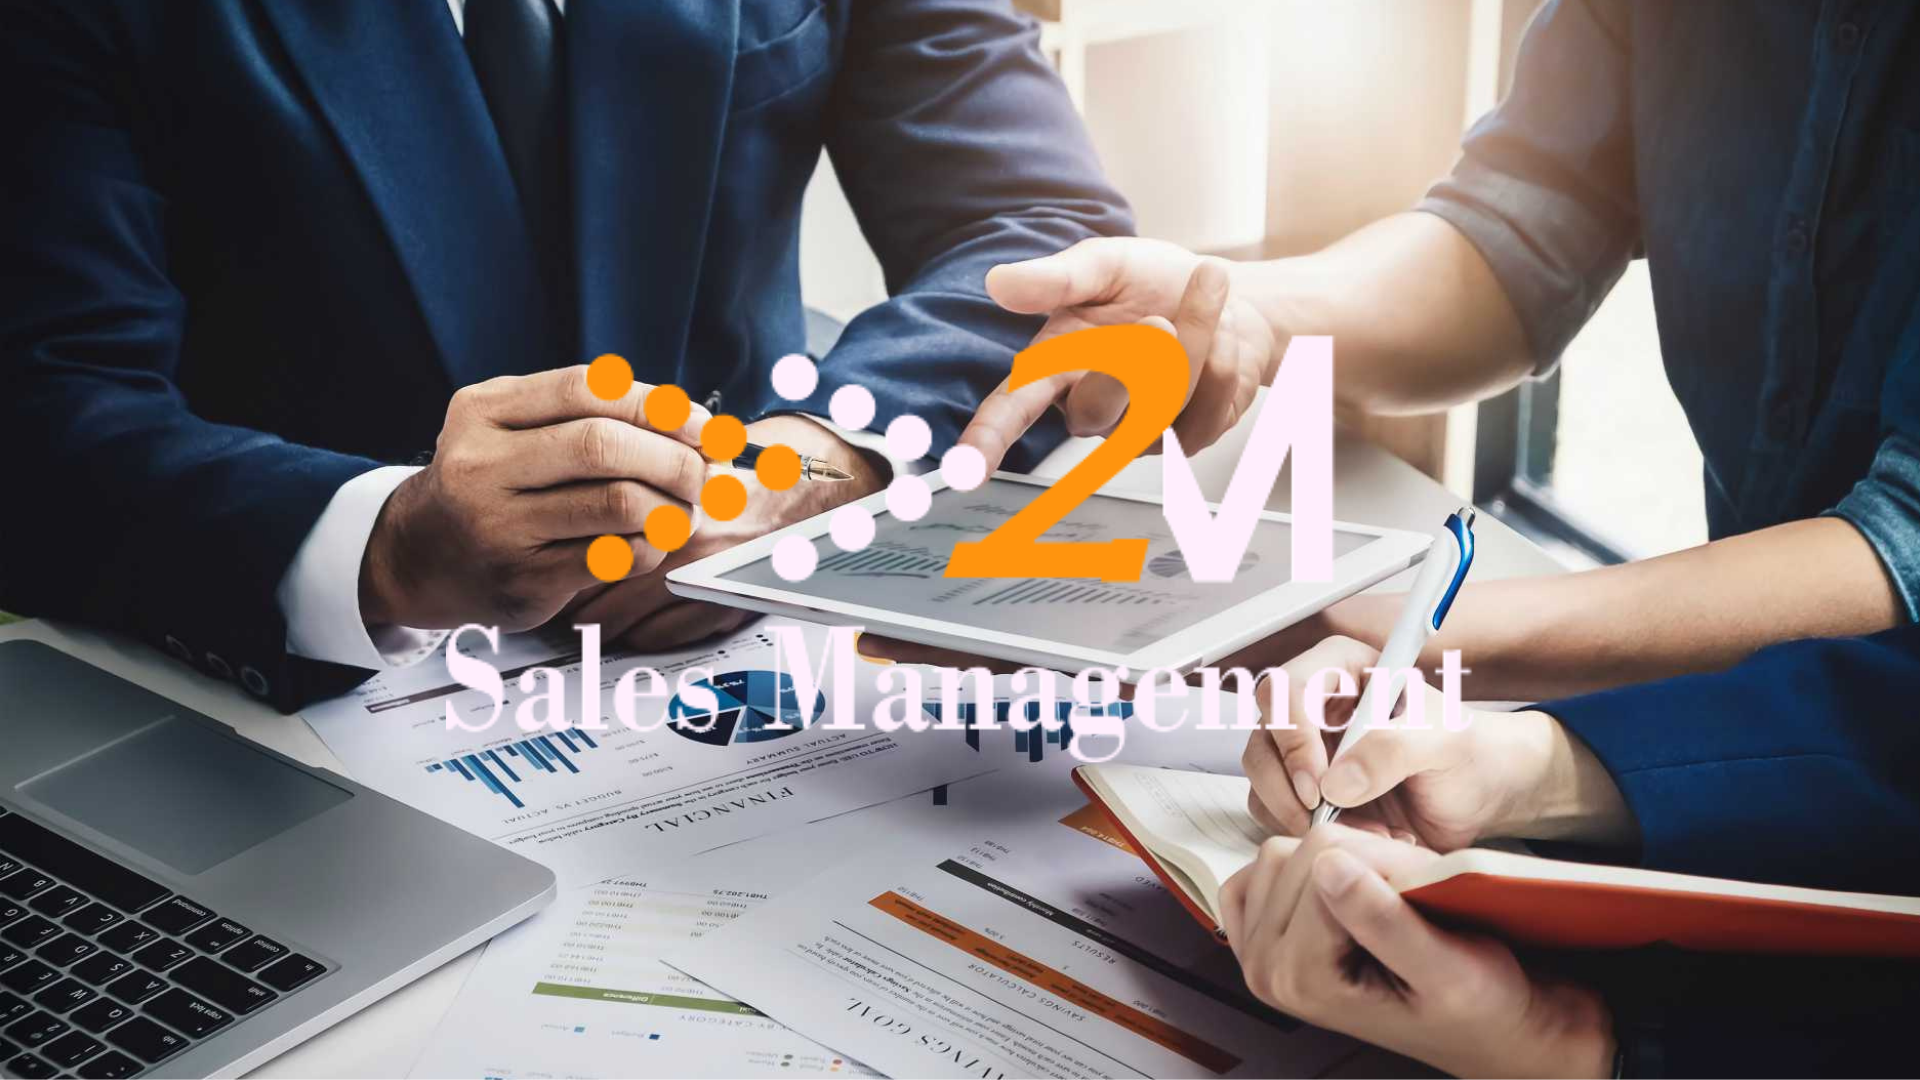 2M Sales Management